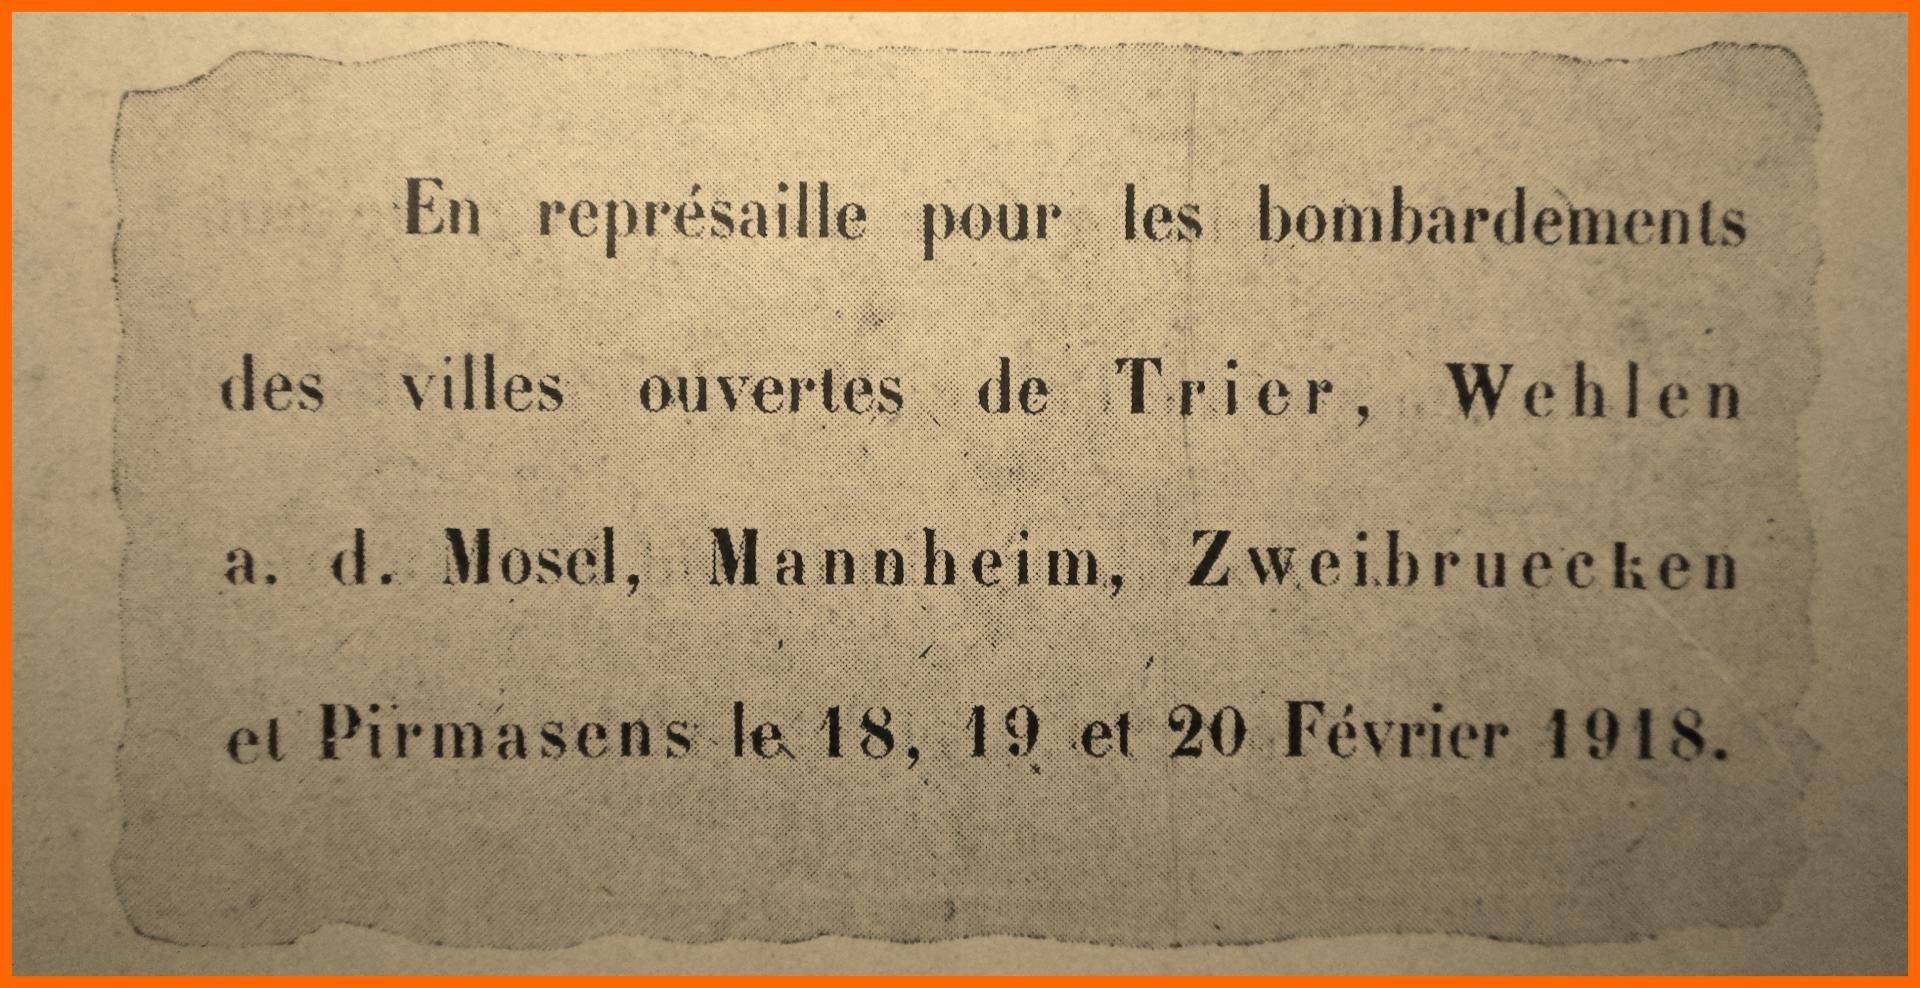 Calais 14 18 affichette represailles encadre 1